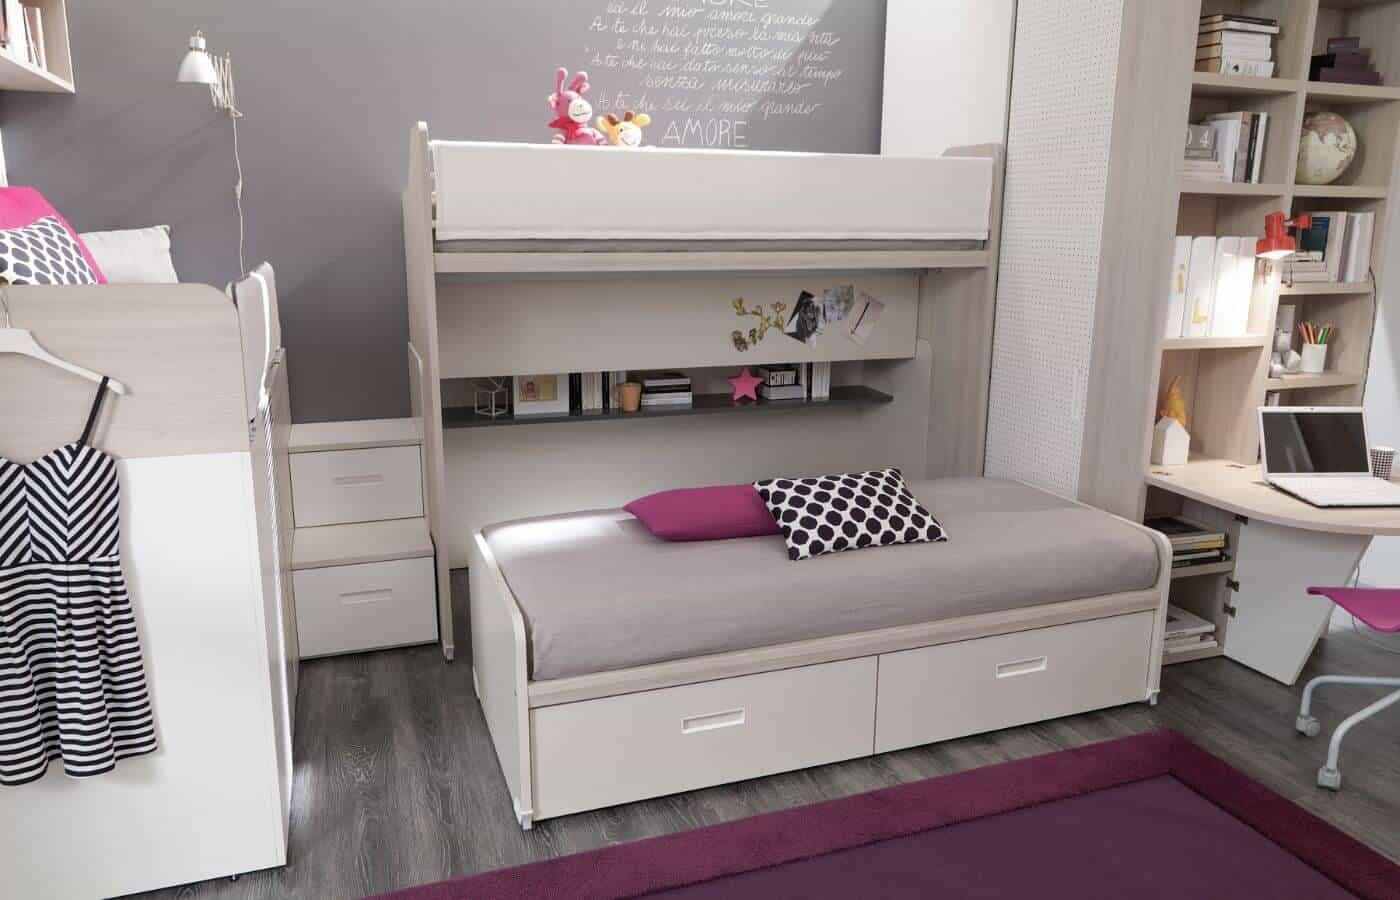 cameretta-letto-scorrevole-con-cassetti-collezione-fiji-il-mobile